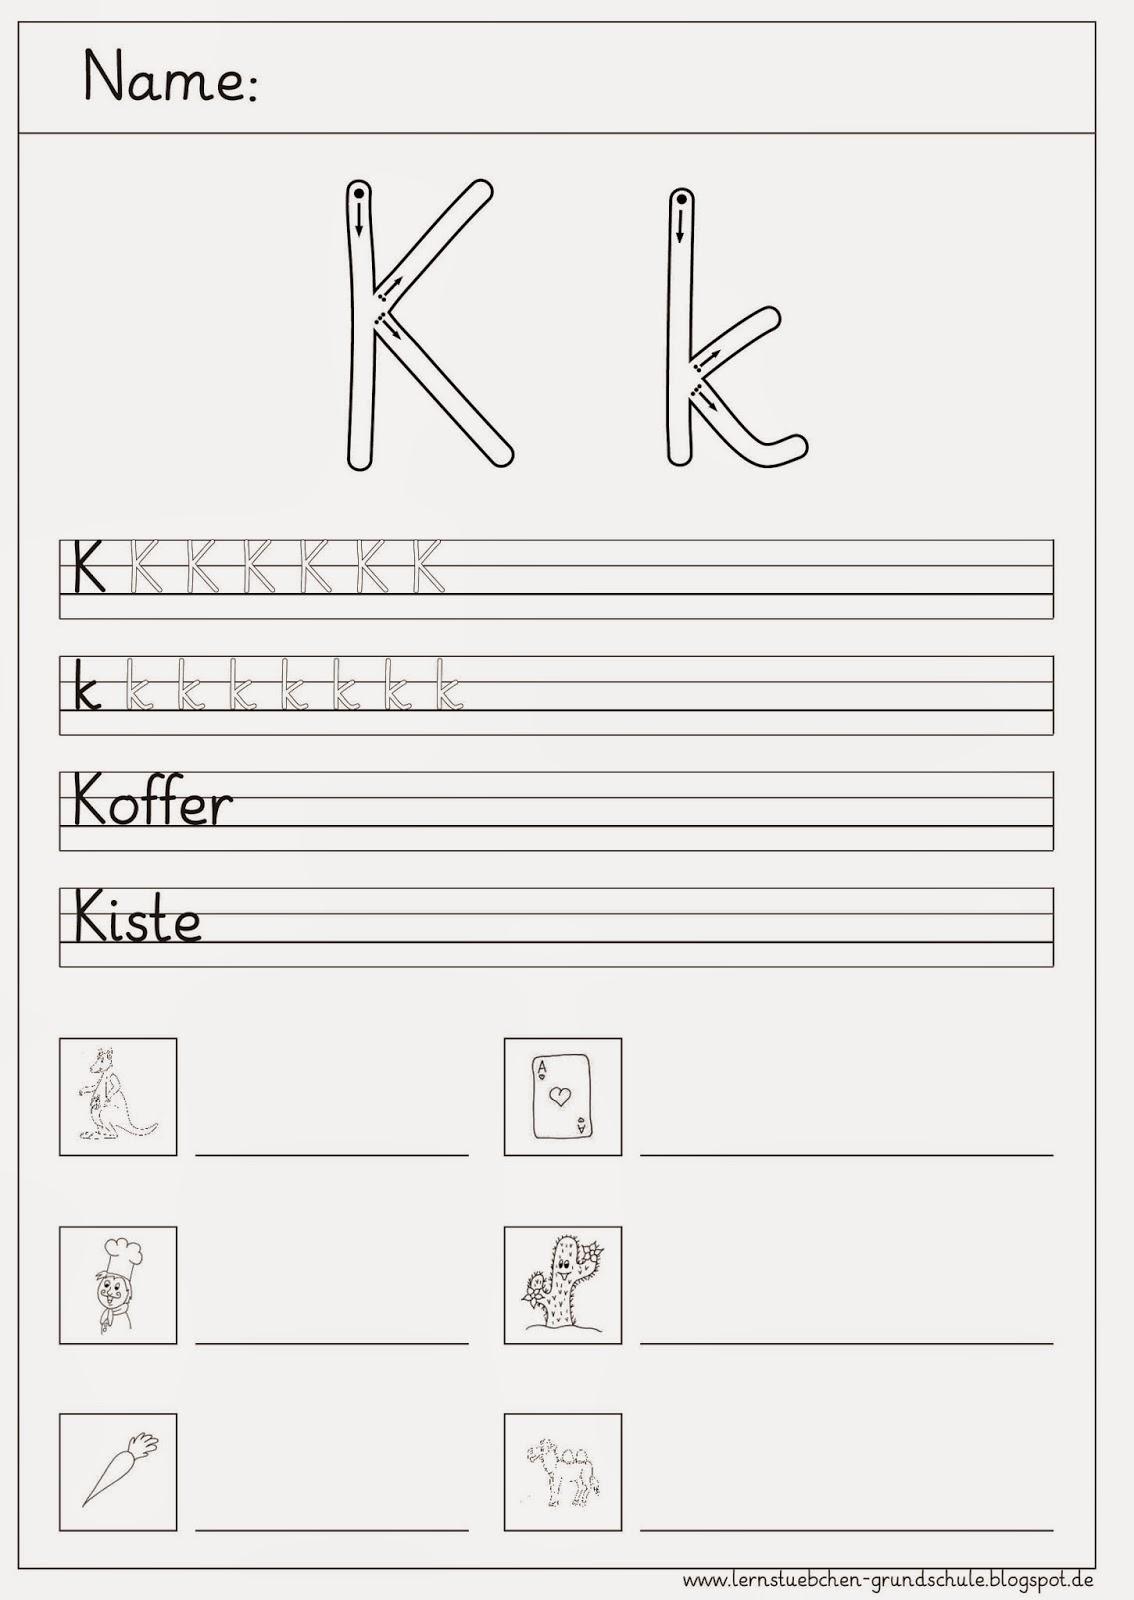 Lernstübchen: Schreibblätter zum K - k